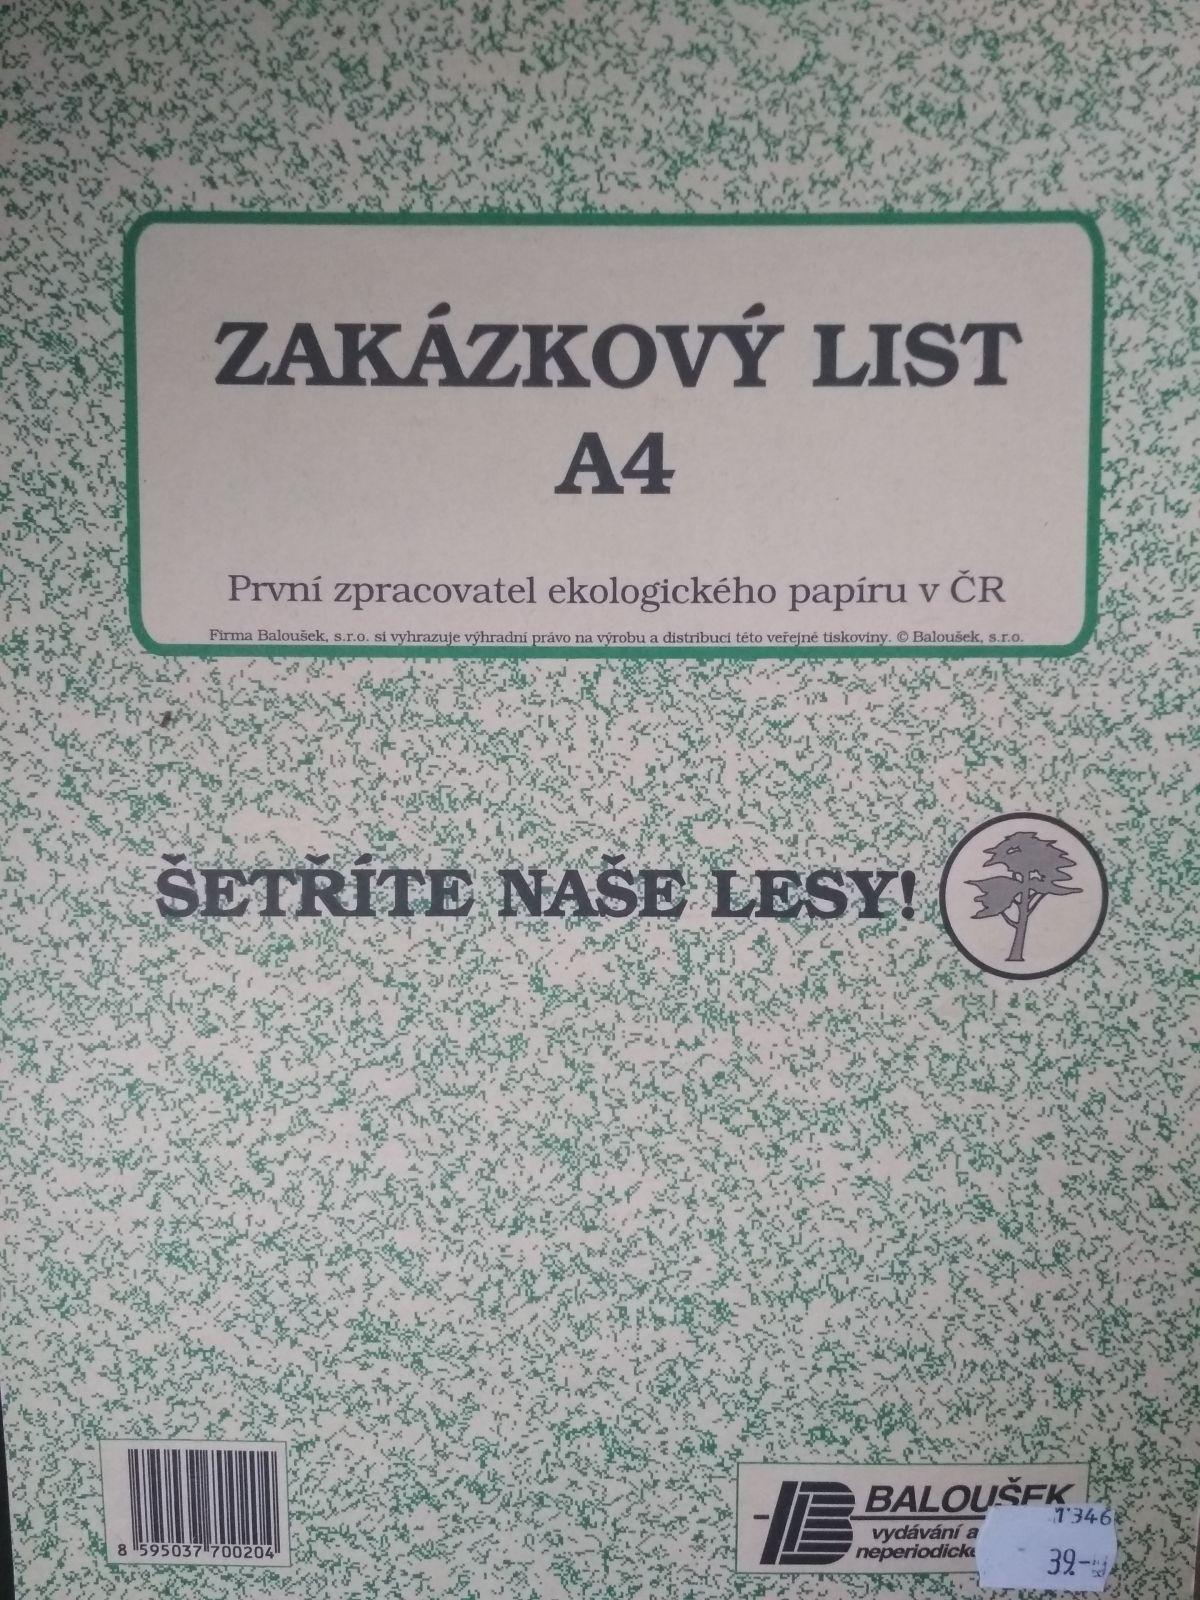 Zakázkový list A4nepropisovací Baloušek